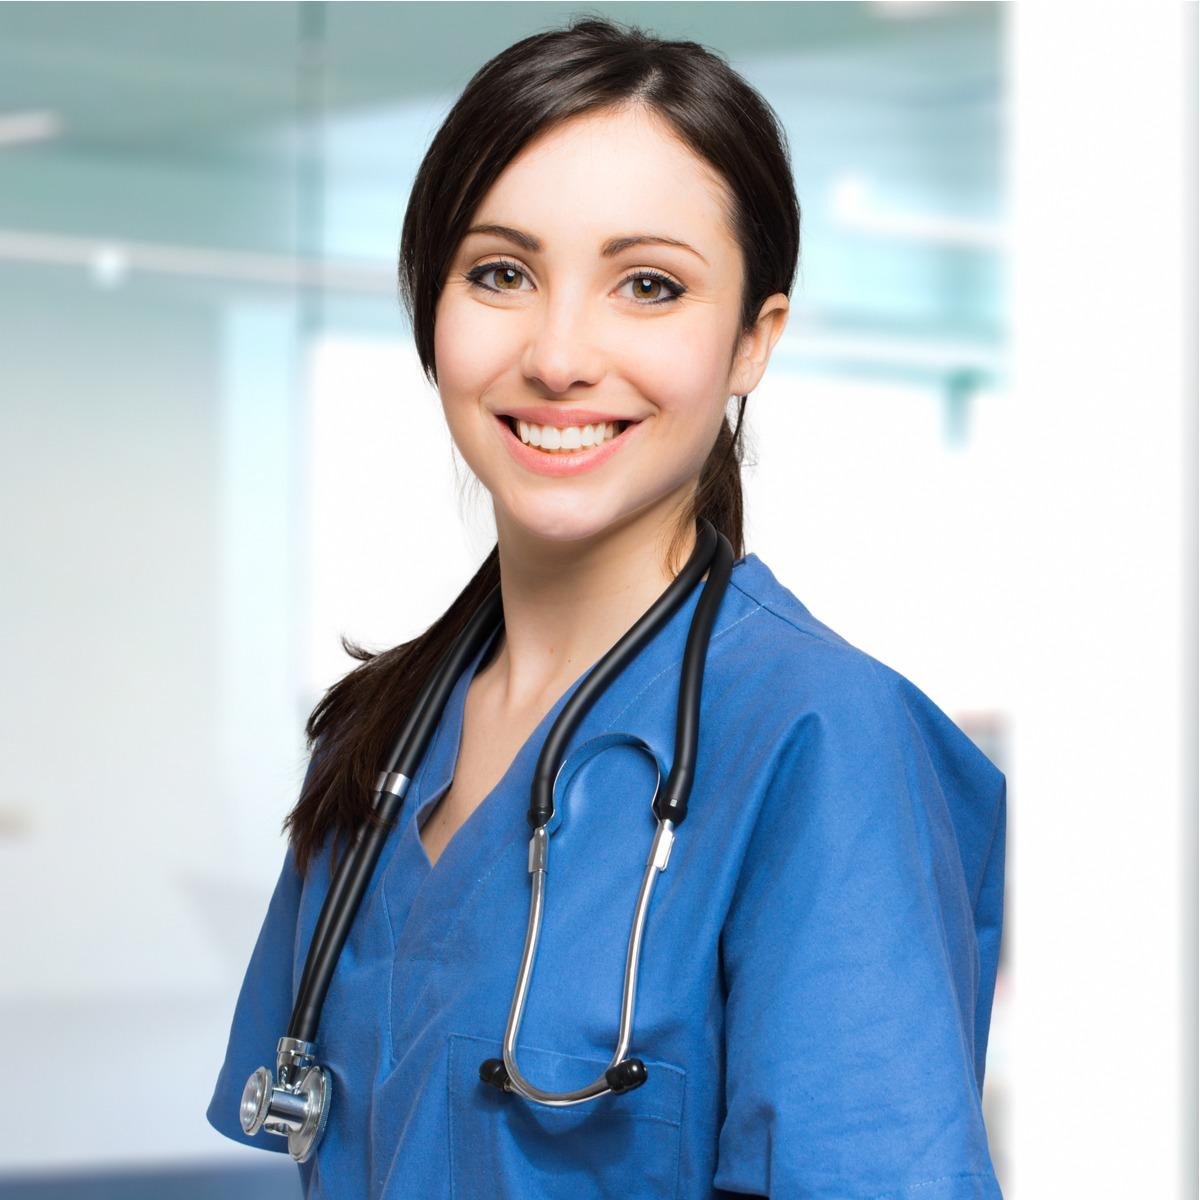 austin nurse recruitment san antonio nurse recruitment houston nurse recruitment dallas nurse recruitment